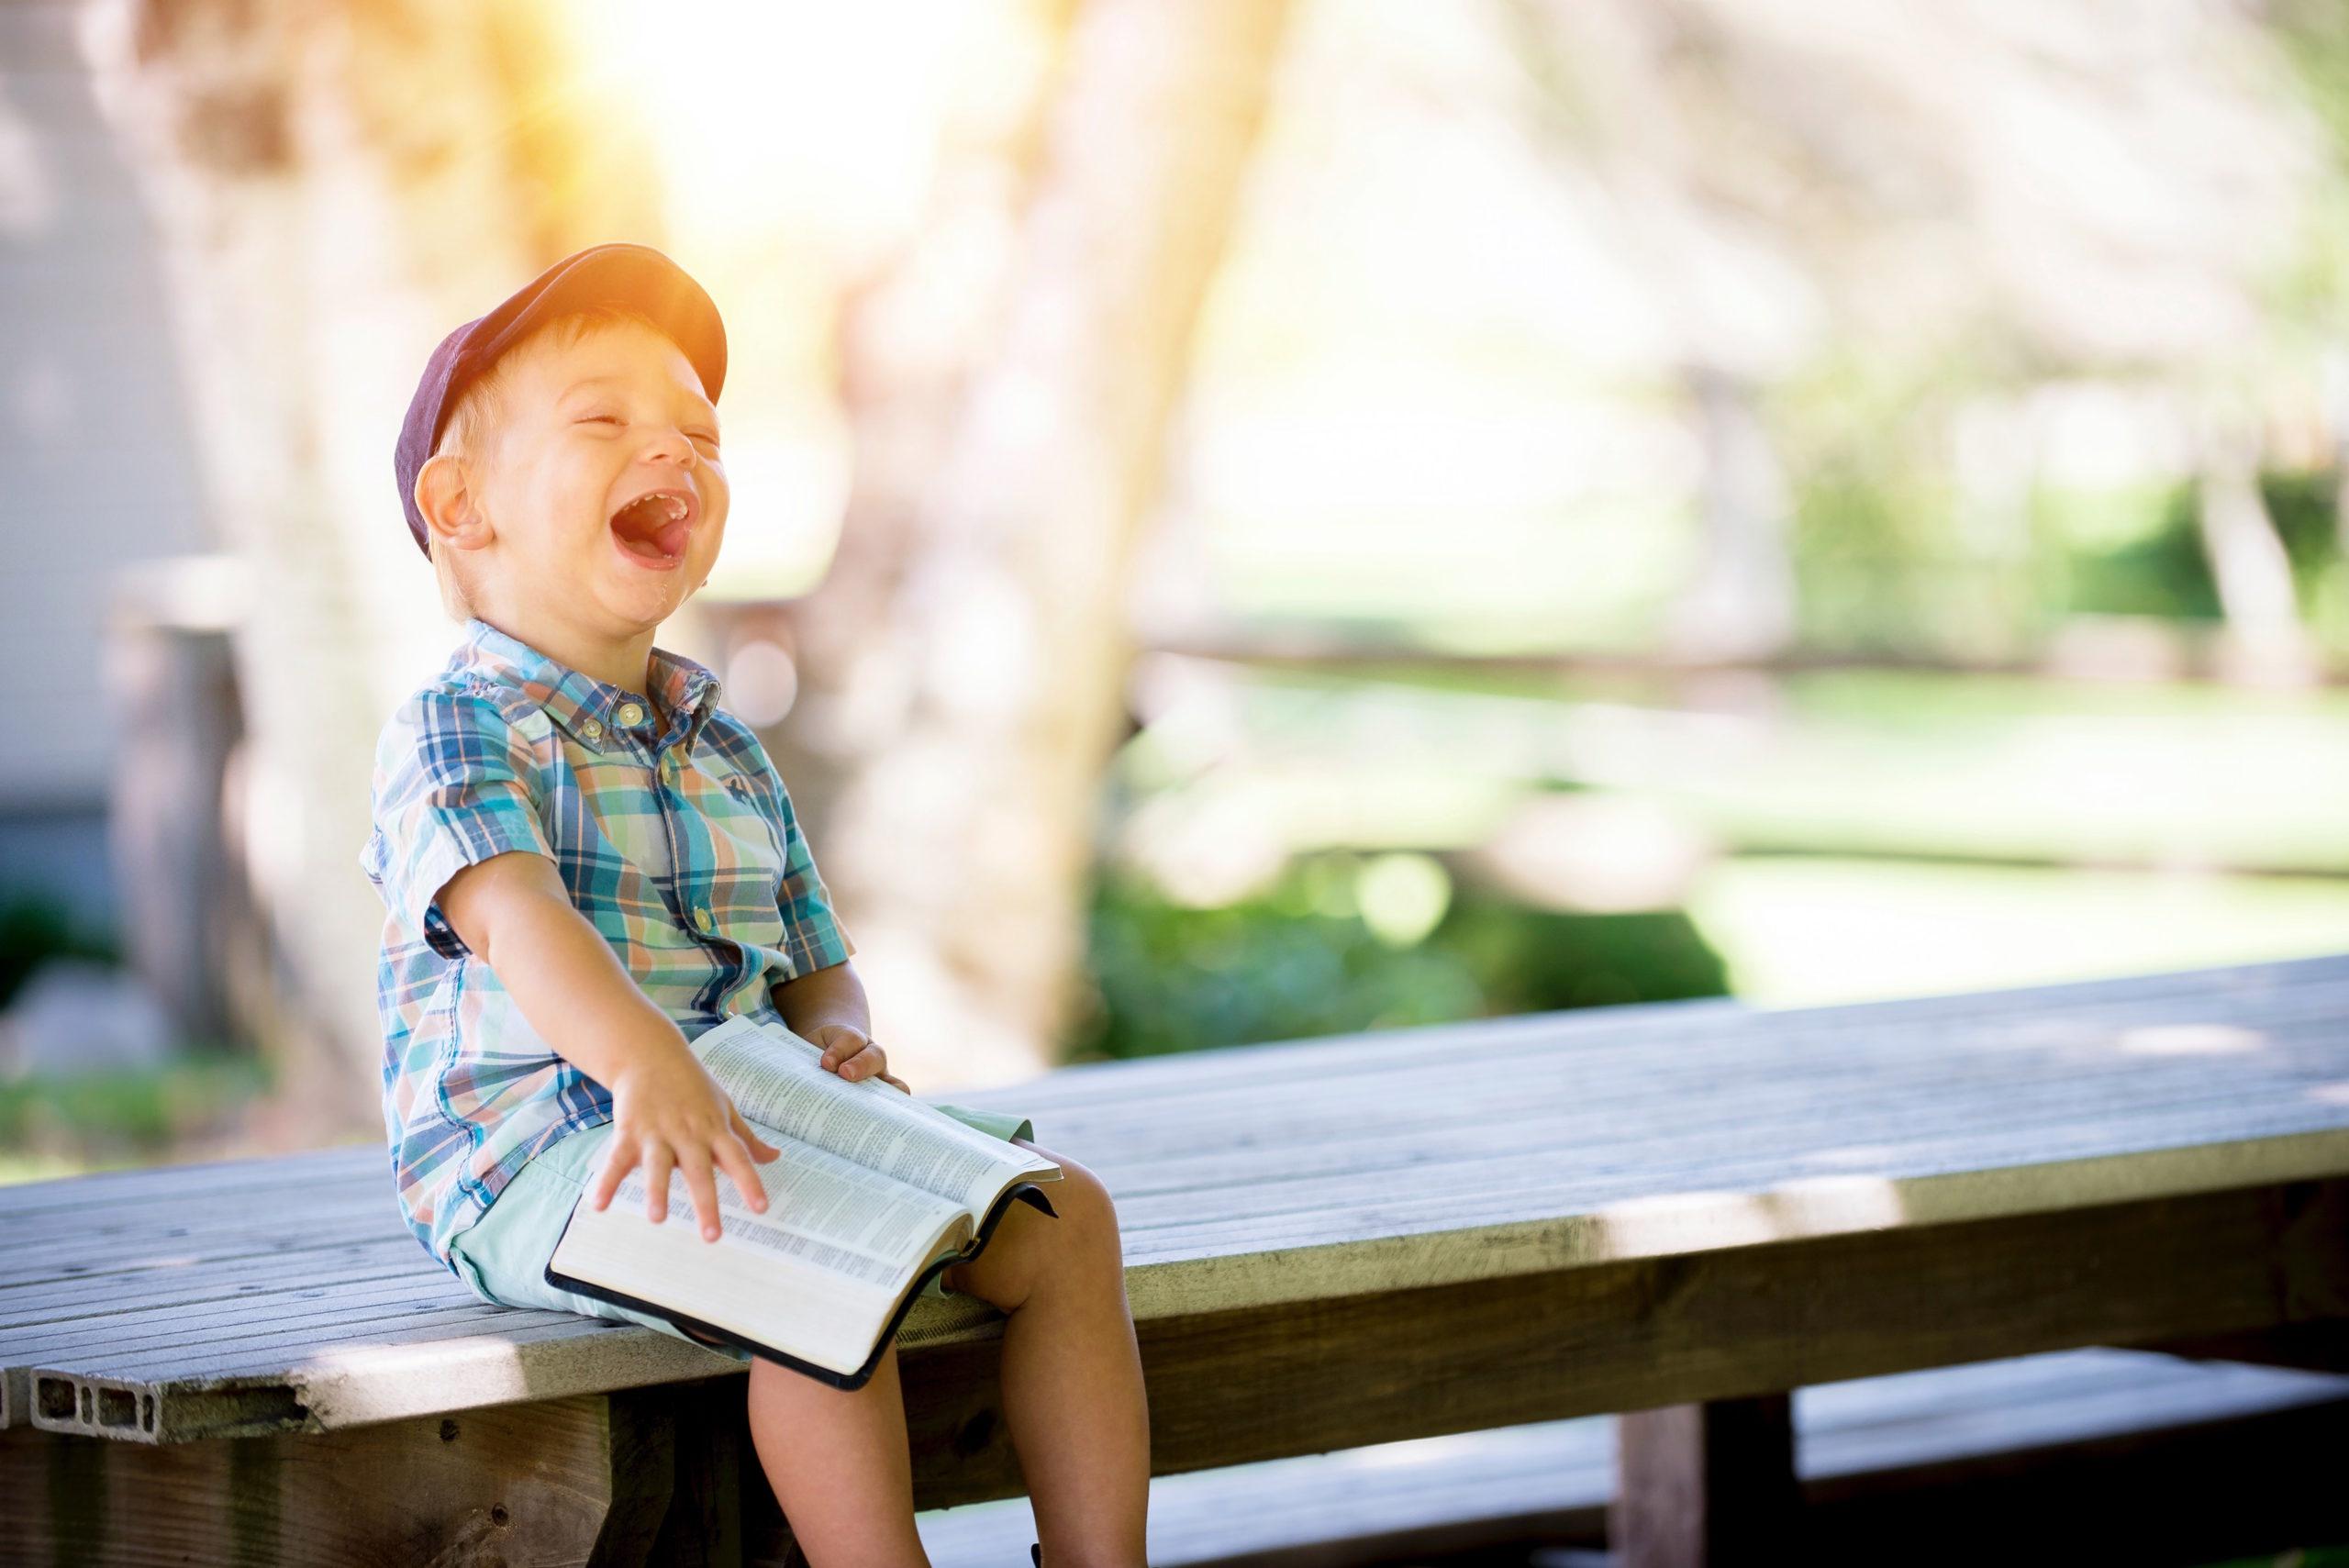 Skrattande barn - barns utveckling 1-2 år